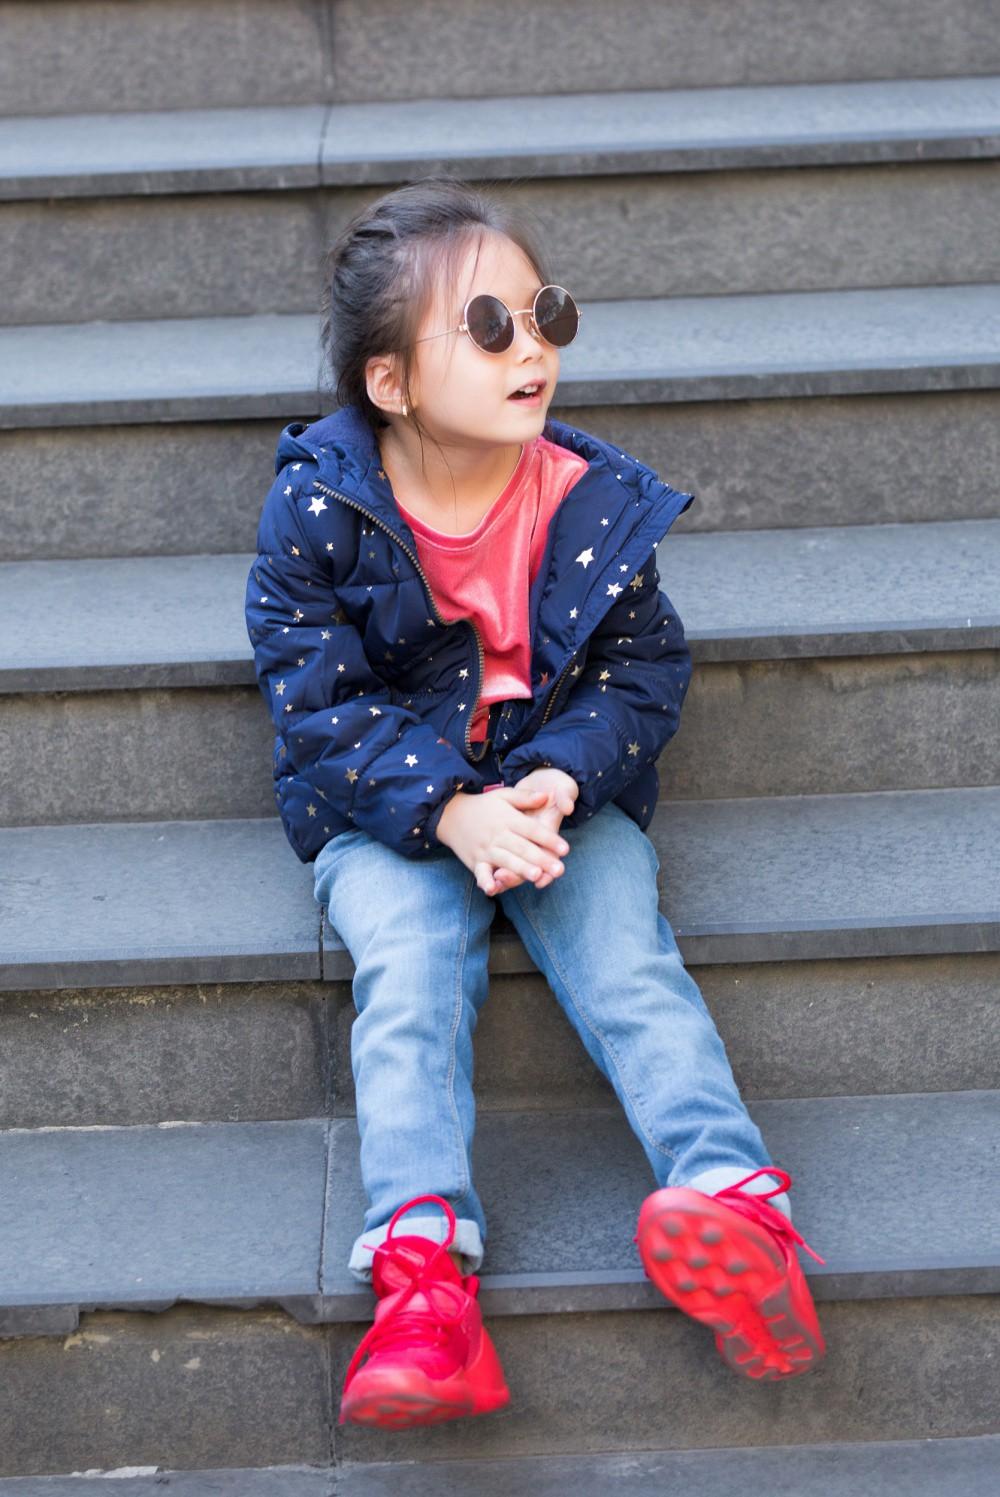 """Con gái Đoan Trang mới 4 tuổi đã ra dáng fashionista nhí, cùng bố mẹ thực hiện bộ ảnh mới cực """"chất"""" - Ảnh 3."""